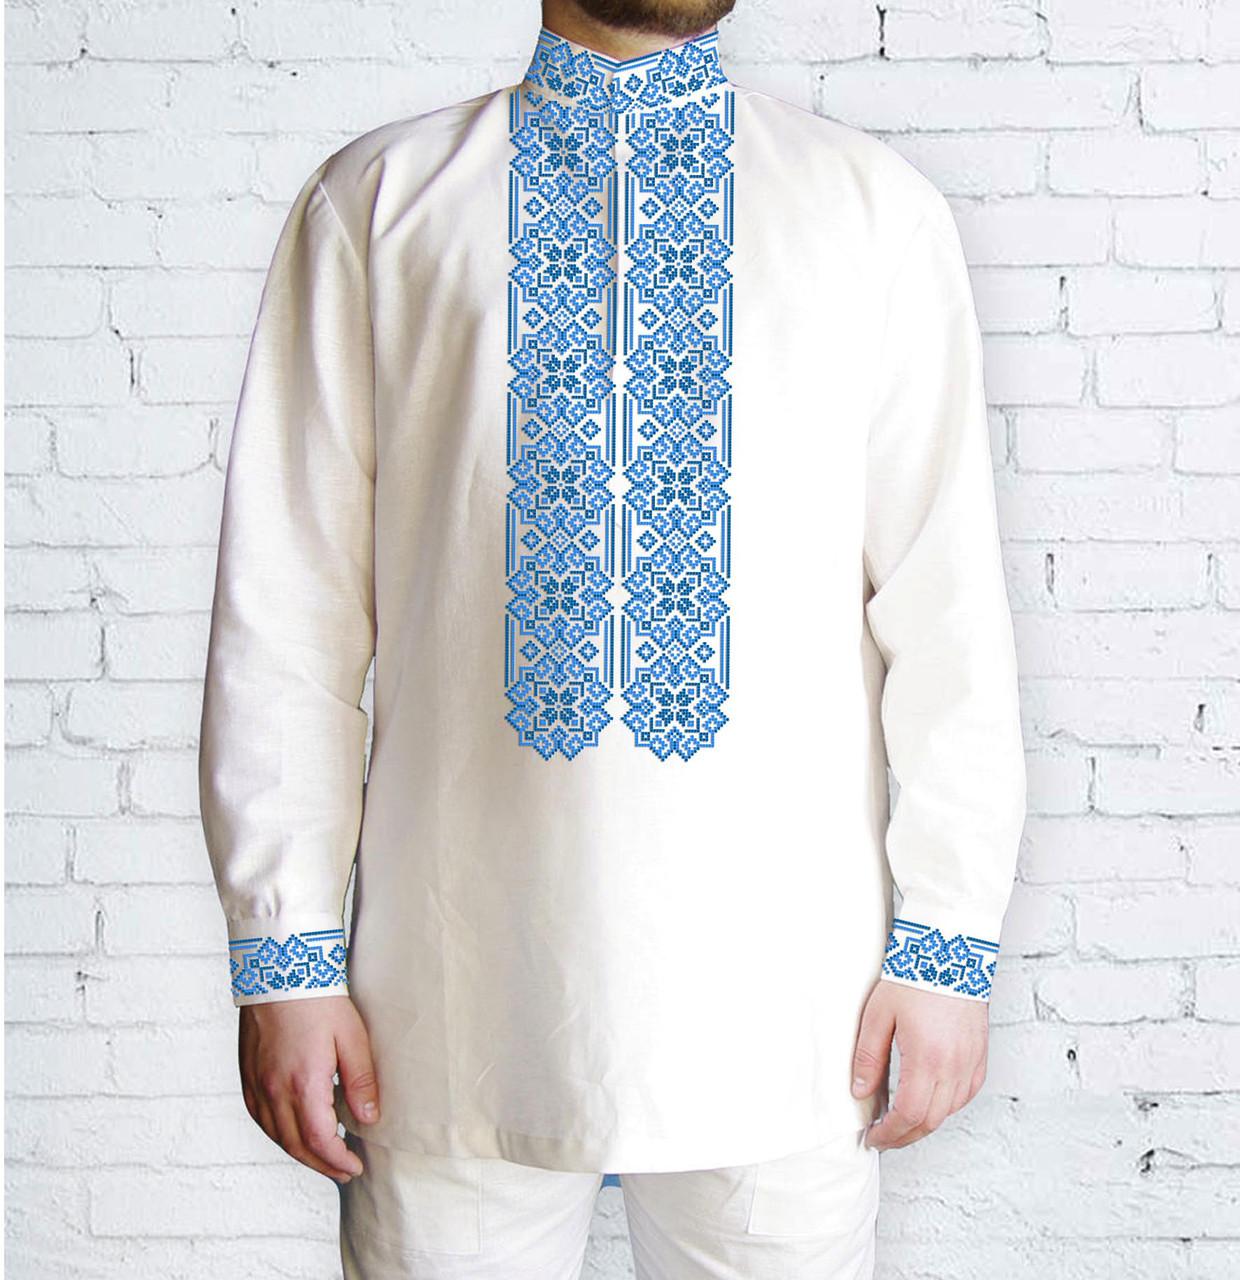 Заготовка мужской рубашки / вышиванки / сорочки для вышивки / вышивания бисером или нитками «Орнамент 531 Г»